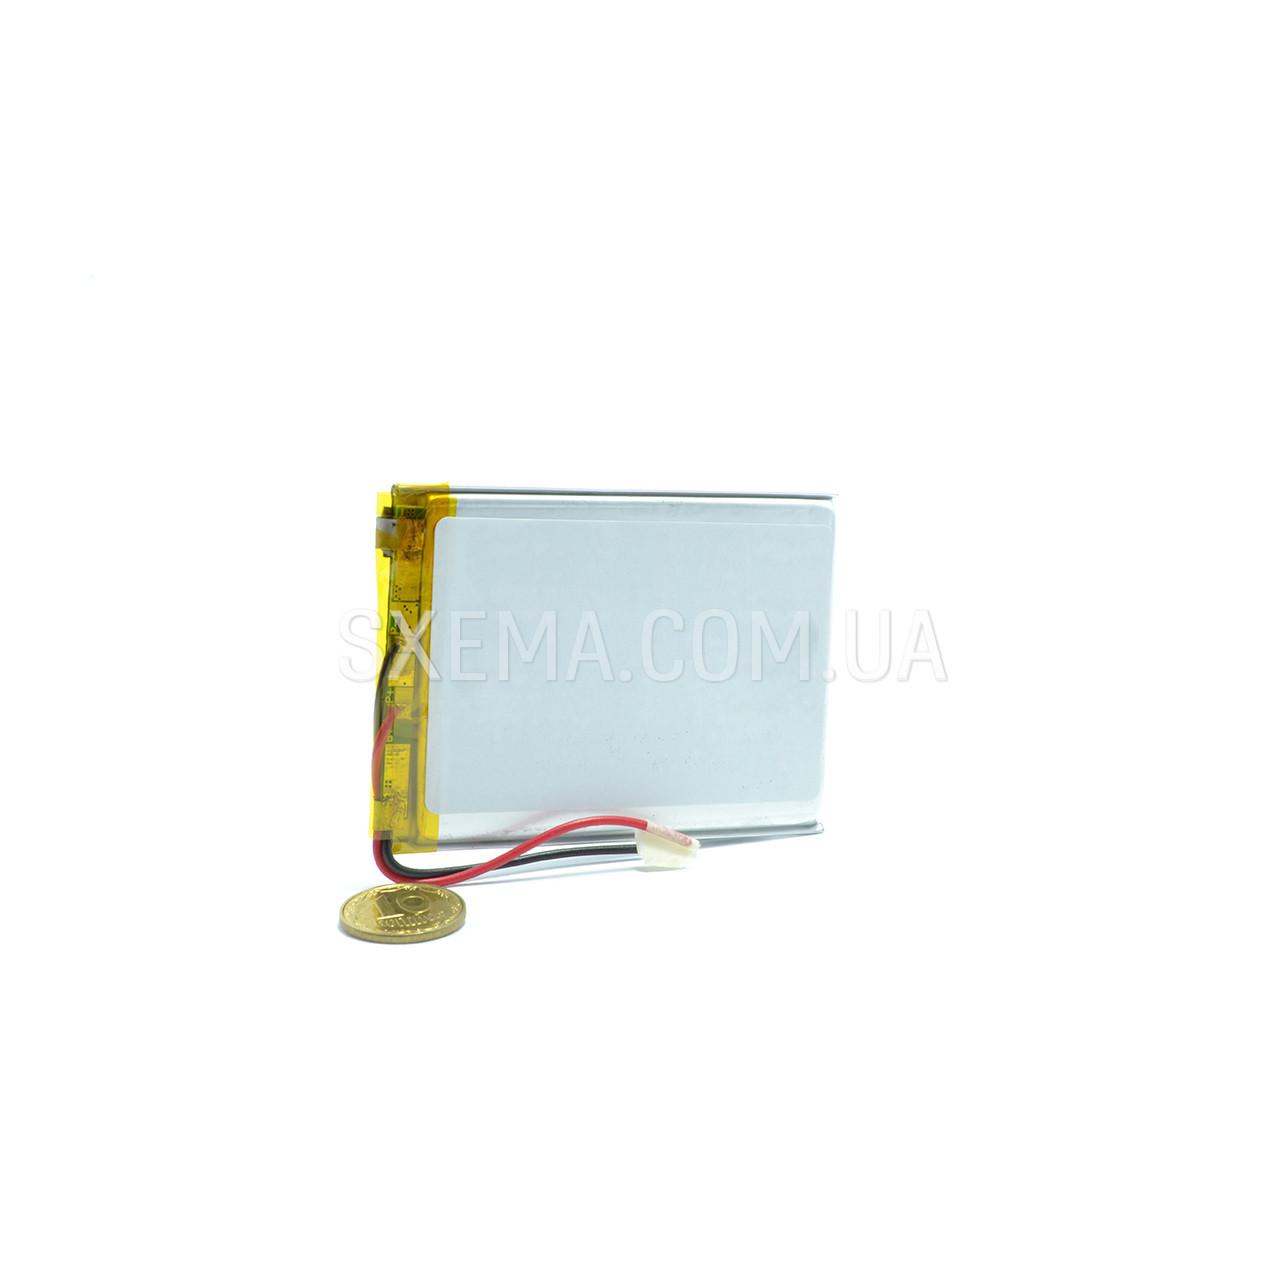 Аккумулятор универсальный 045070 (Li-ion 3.7В 2500мА·ч), (70*50*4 мм)